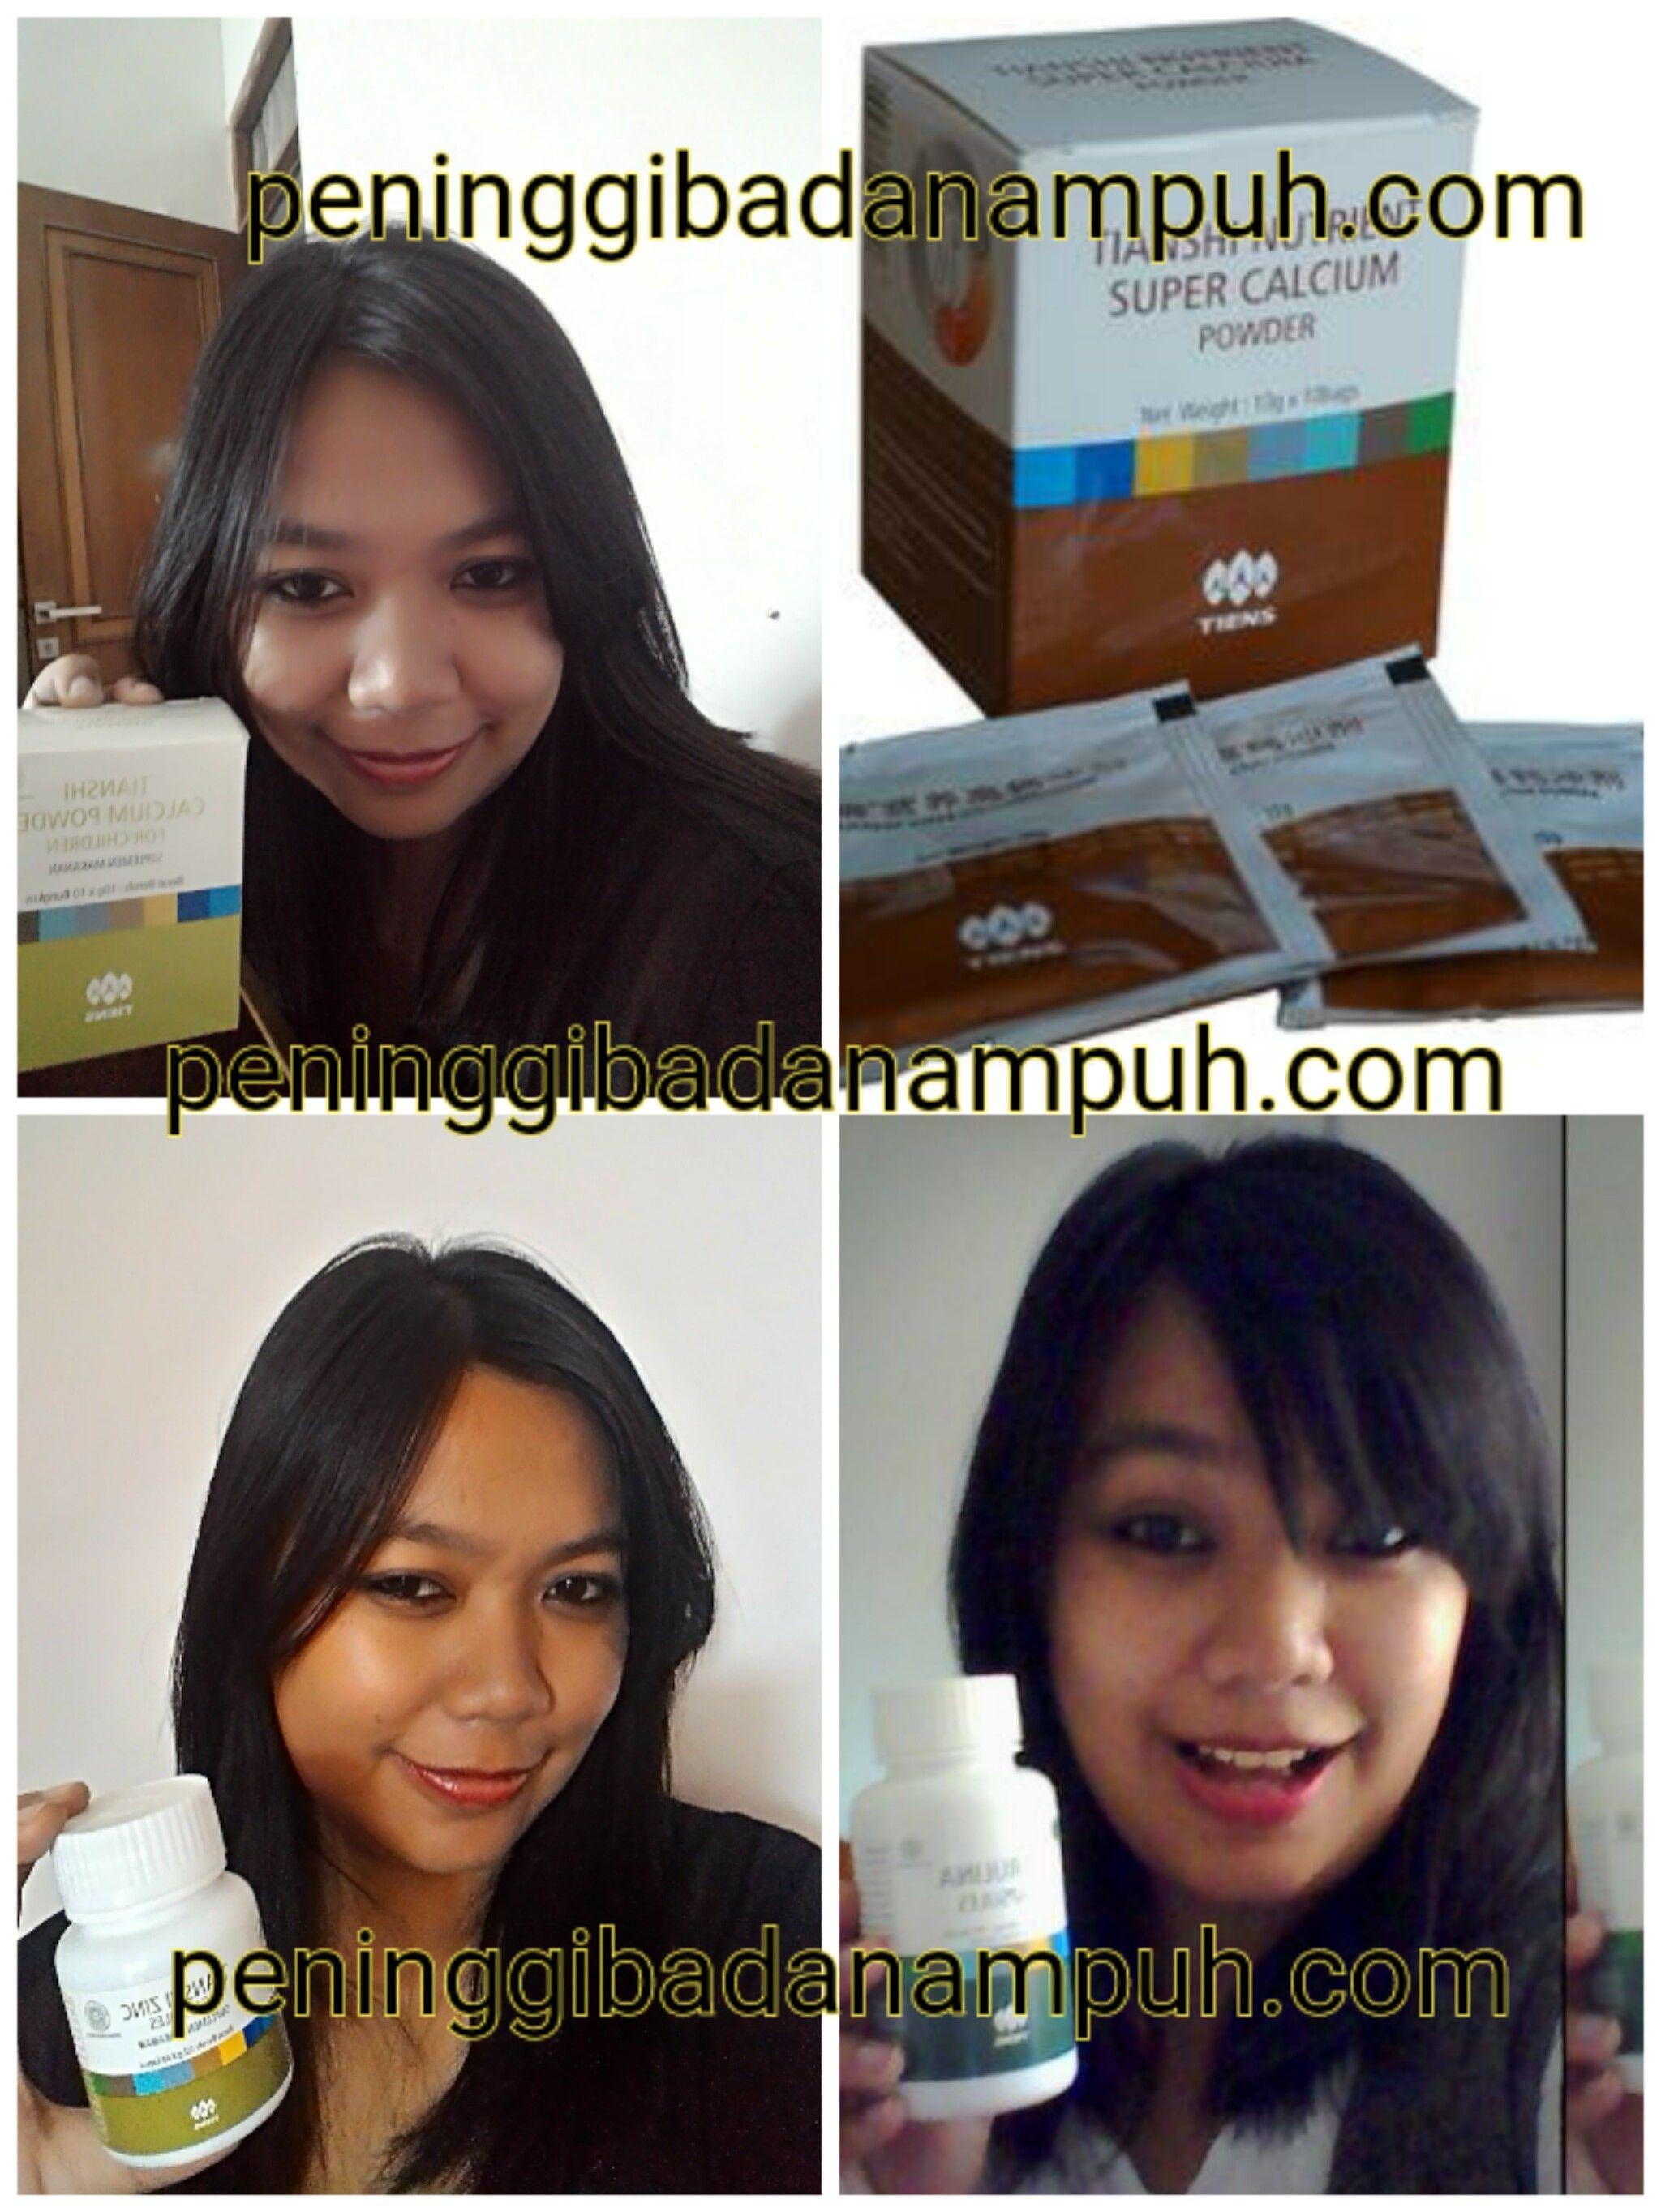 Obat Peninggi Badan Tiens Di Pekanbaru PIN2AD0C9D8 SMS WA